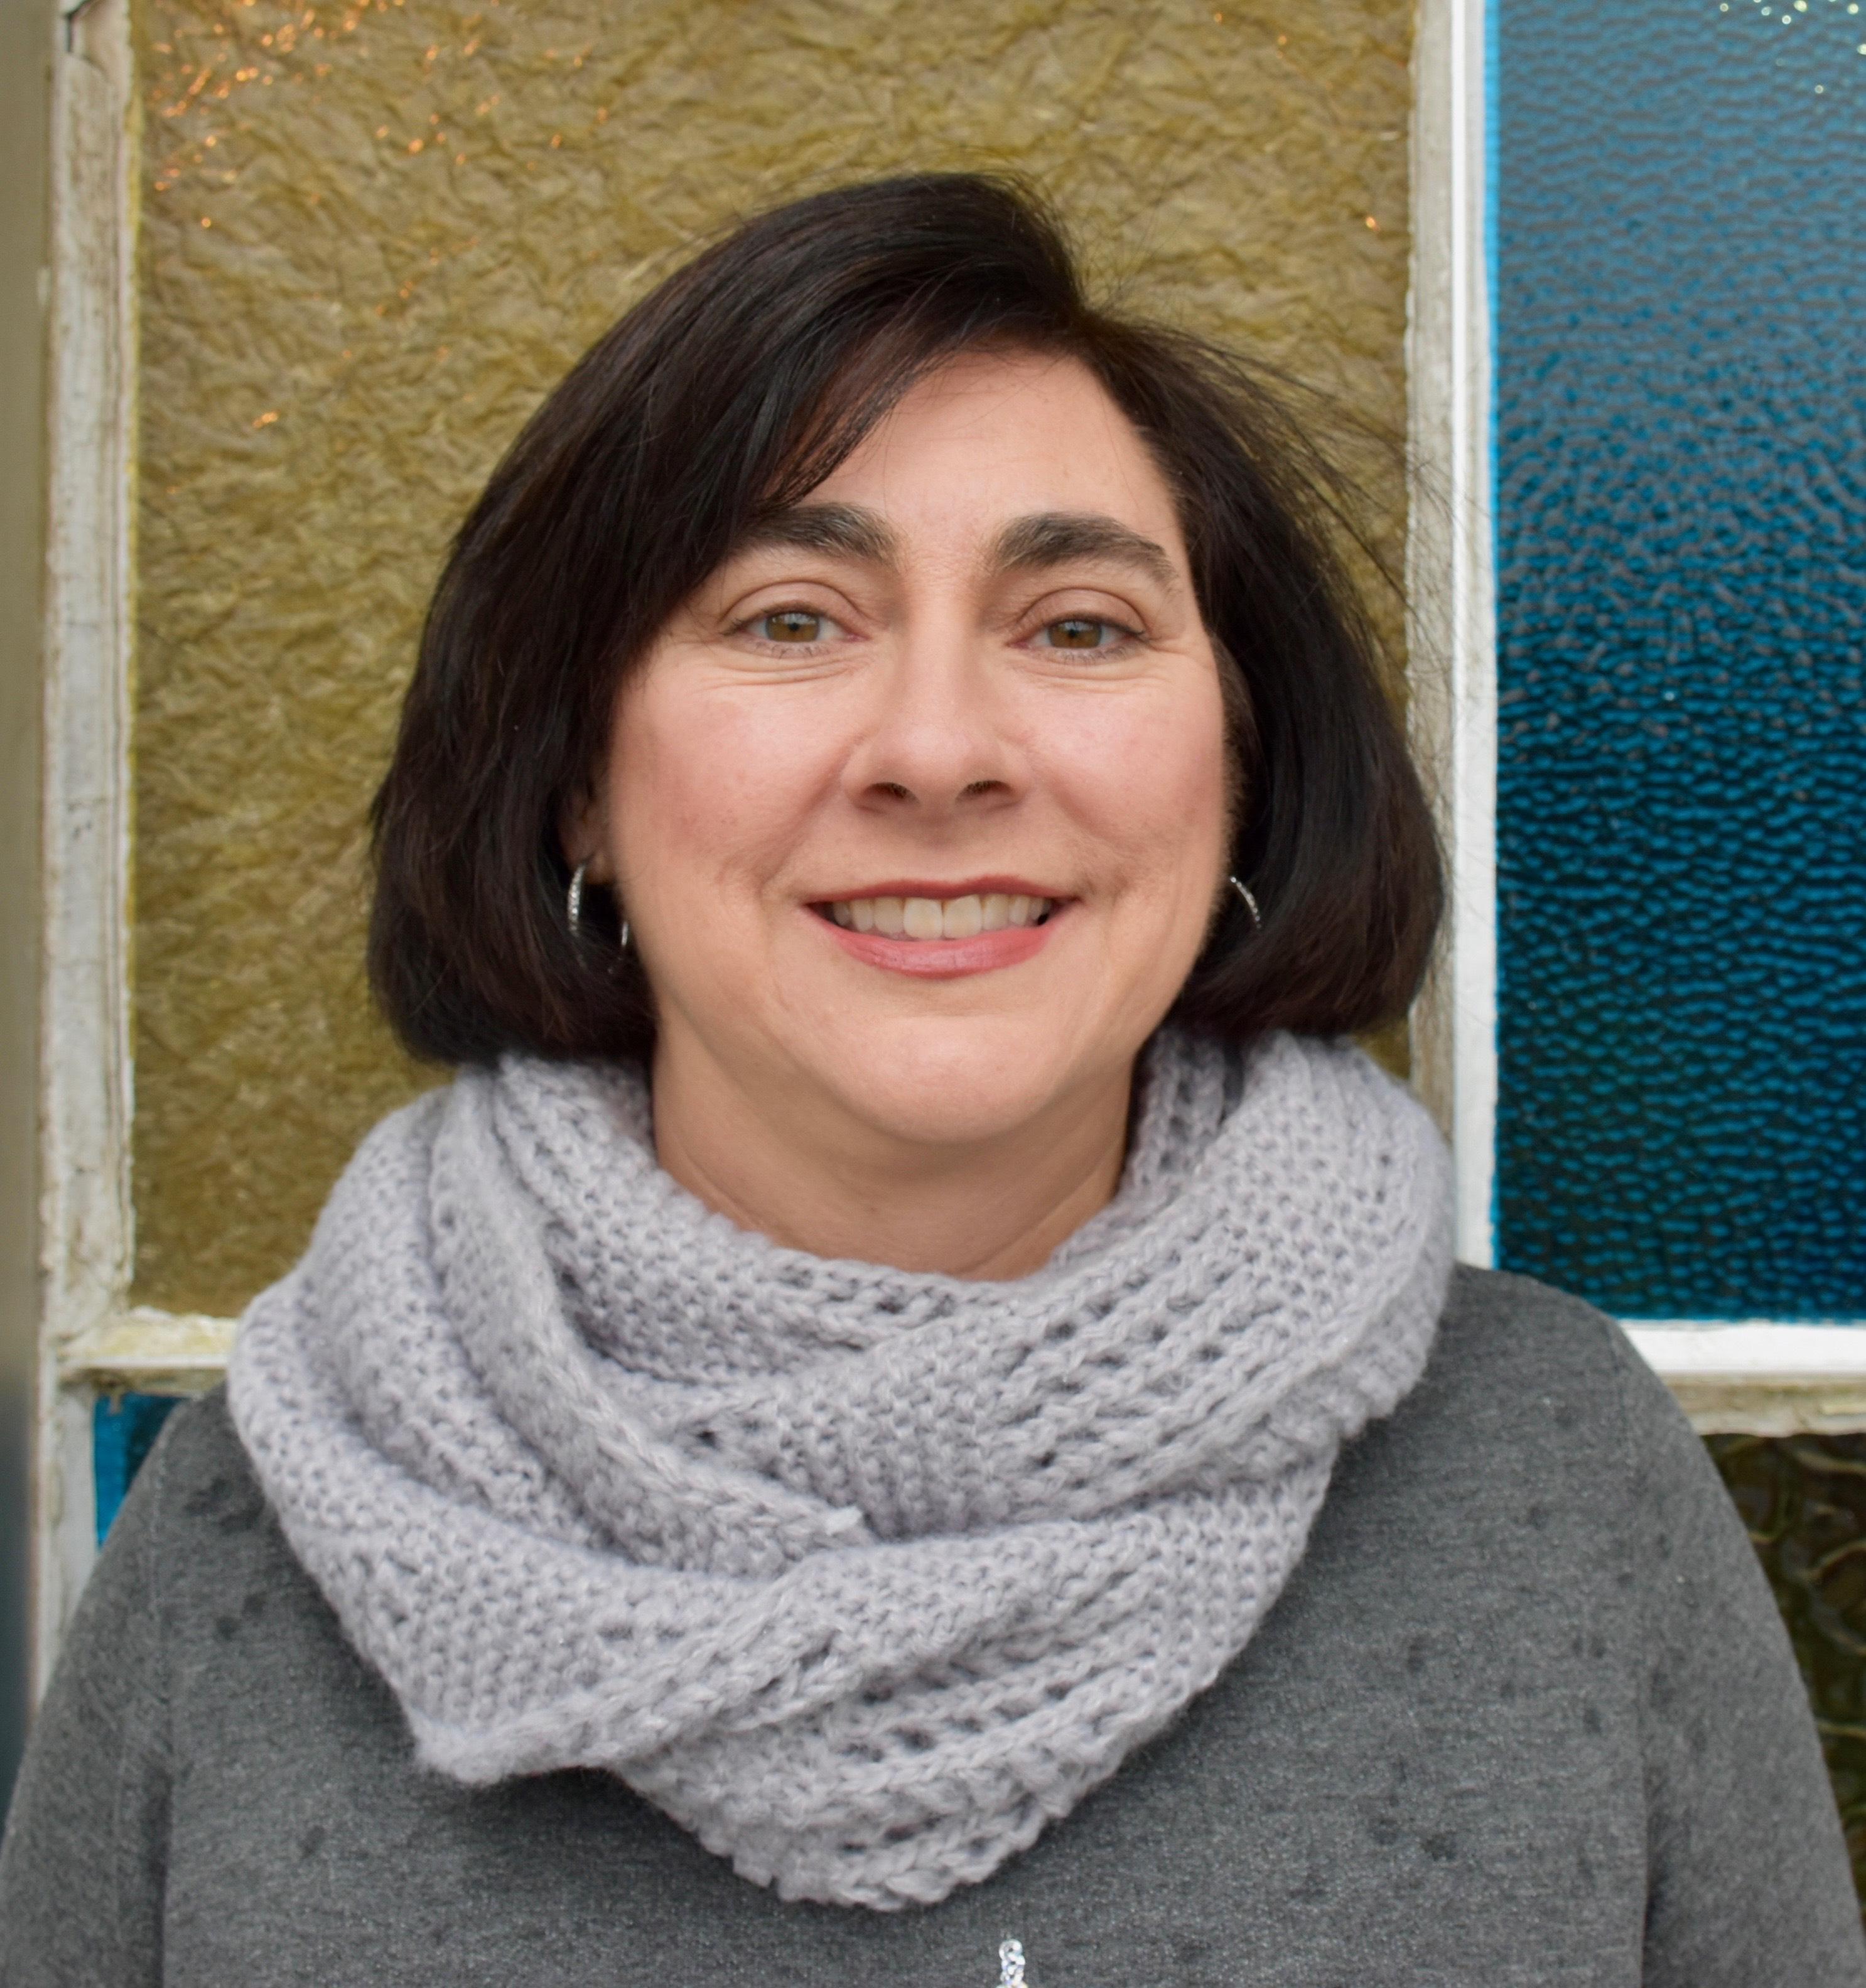 Deborah Ard